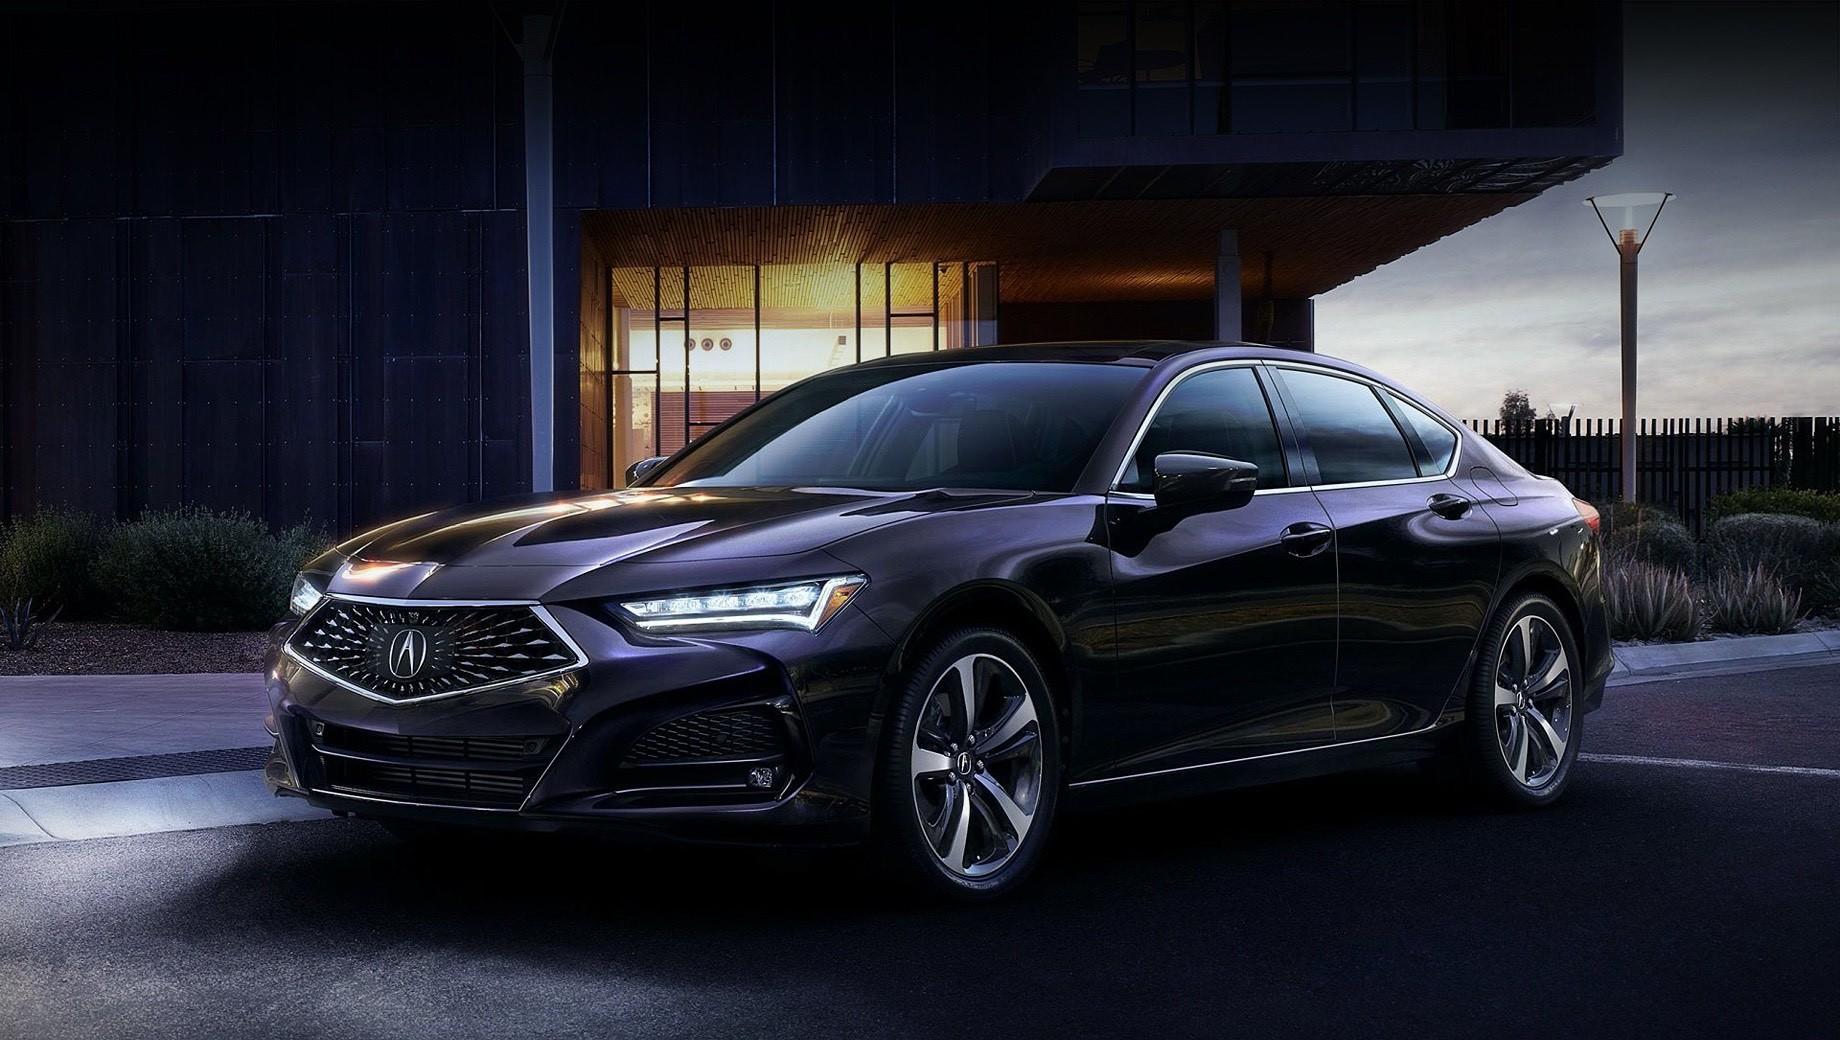 Acura tlx. Нет информации о снаряжённой массе, но известно, что кузов на 56% состоит из высокопрочных сортов стали и алюминия: из него сделаны усилитель переднего бампера, капот, крылья спереди и крепления фронтальных амортизаторов. В передней и задней части кузова добавлены распорки.